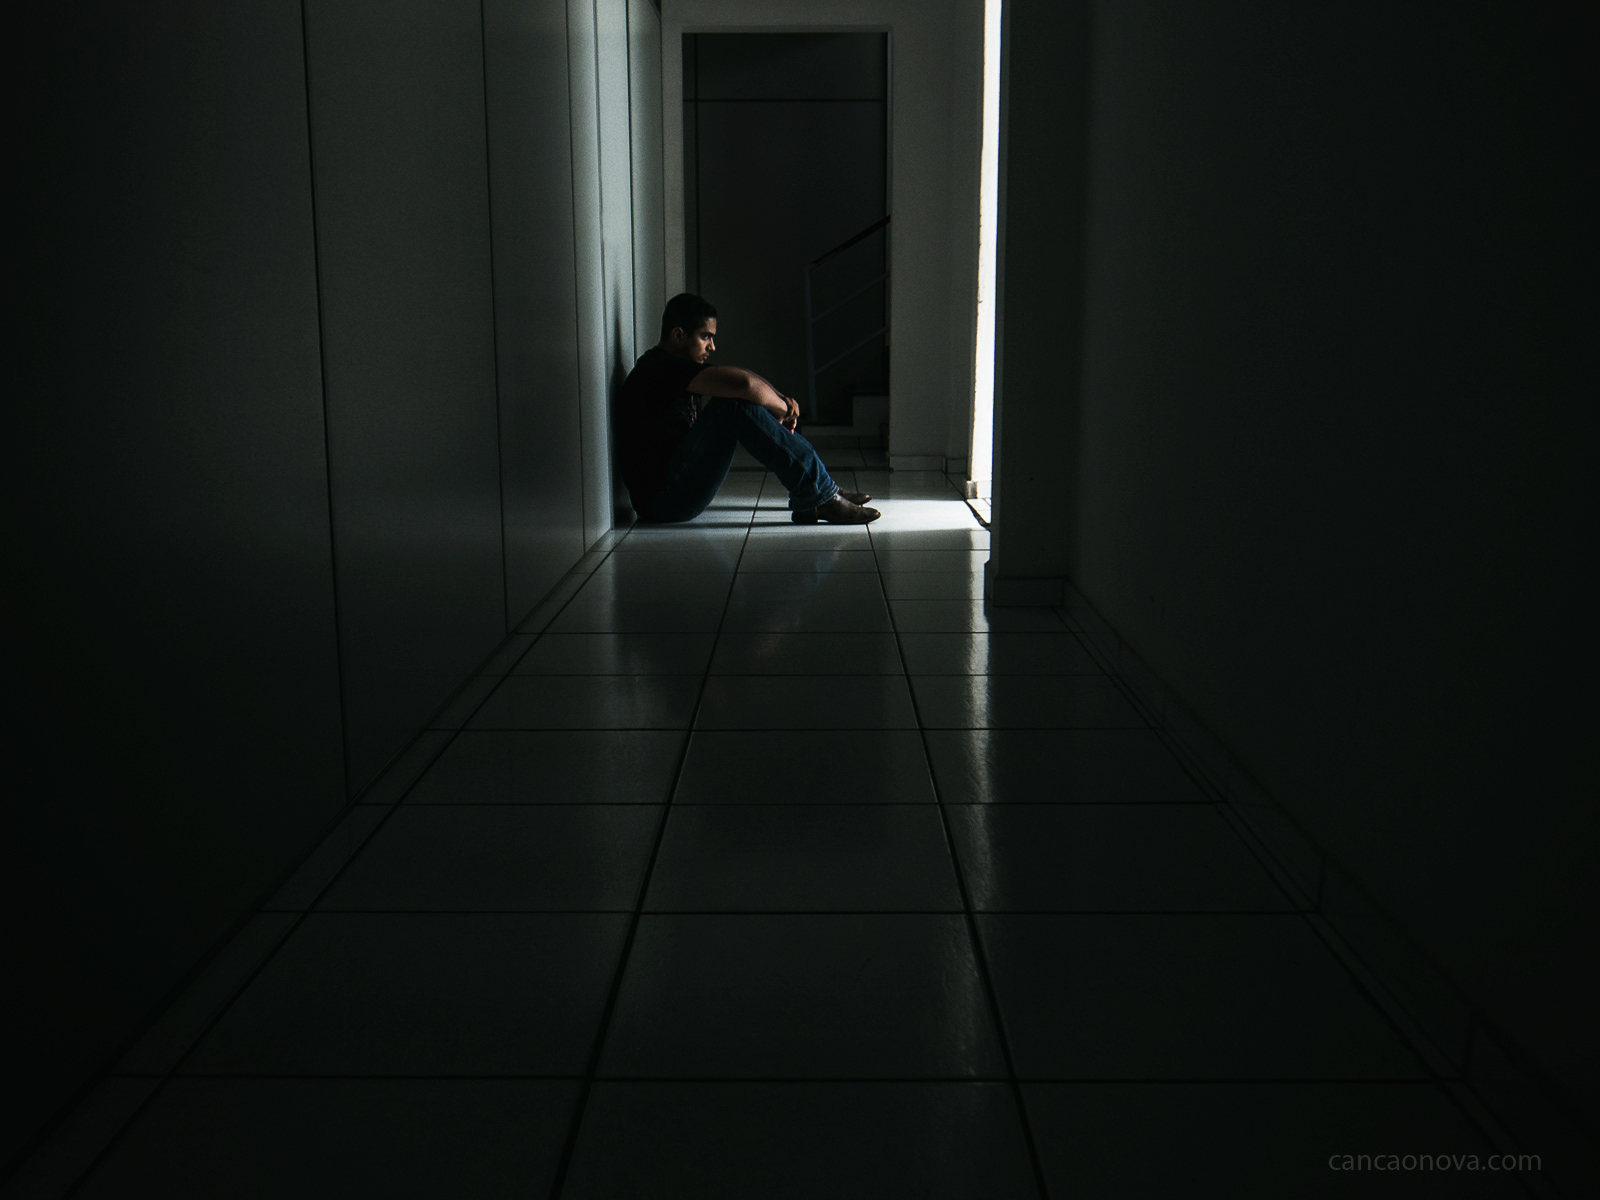 O suicídio precisa ser visto com atenção